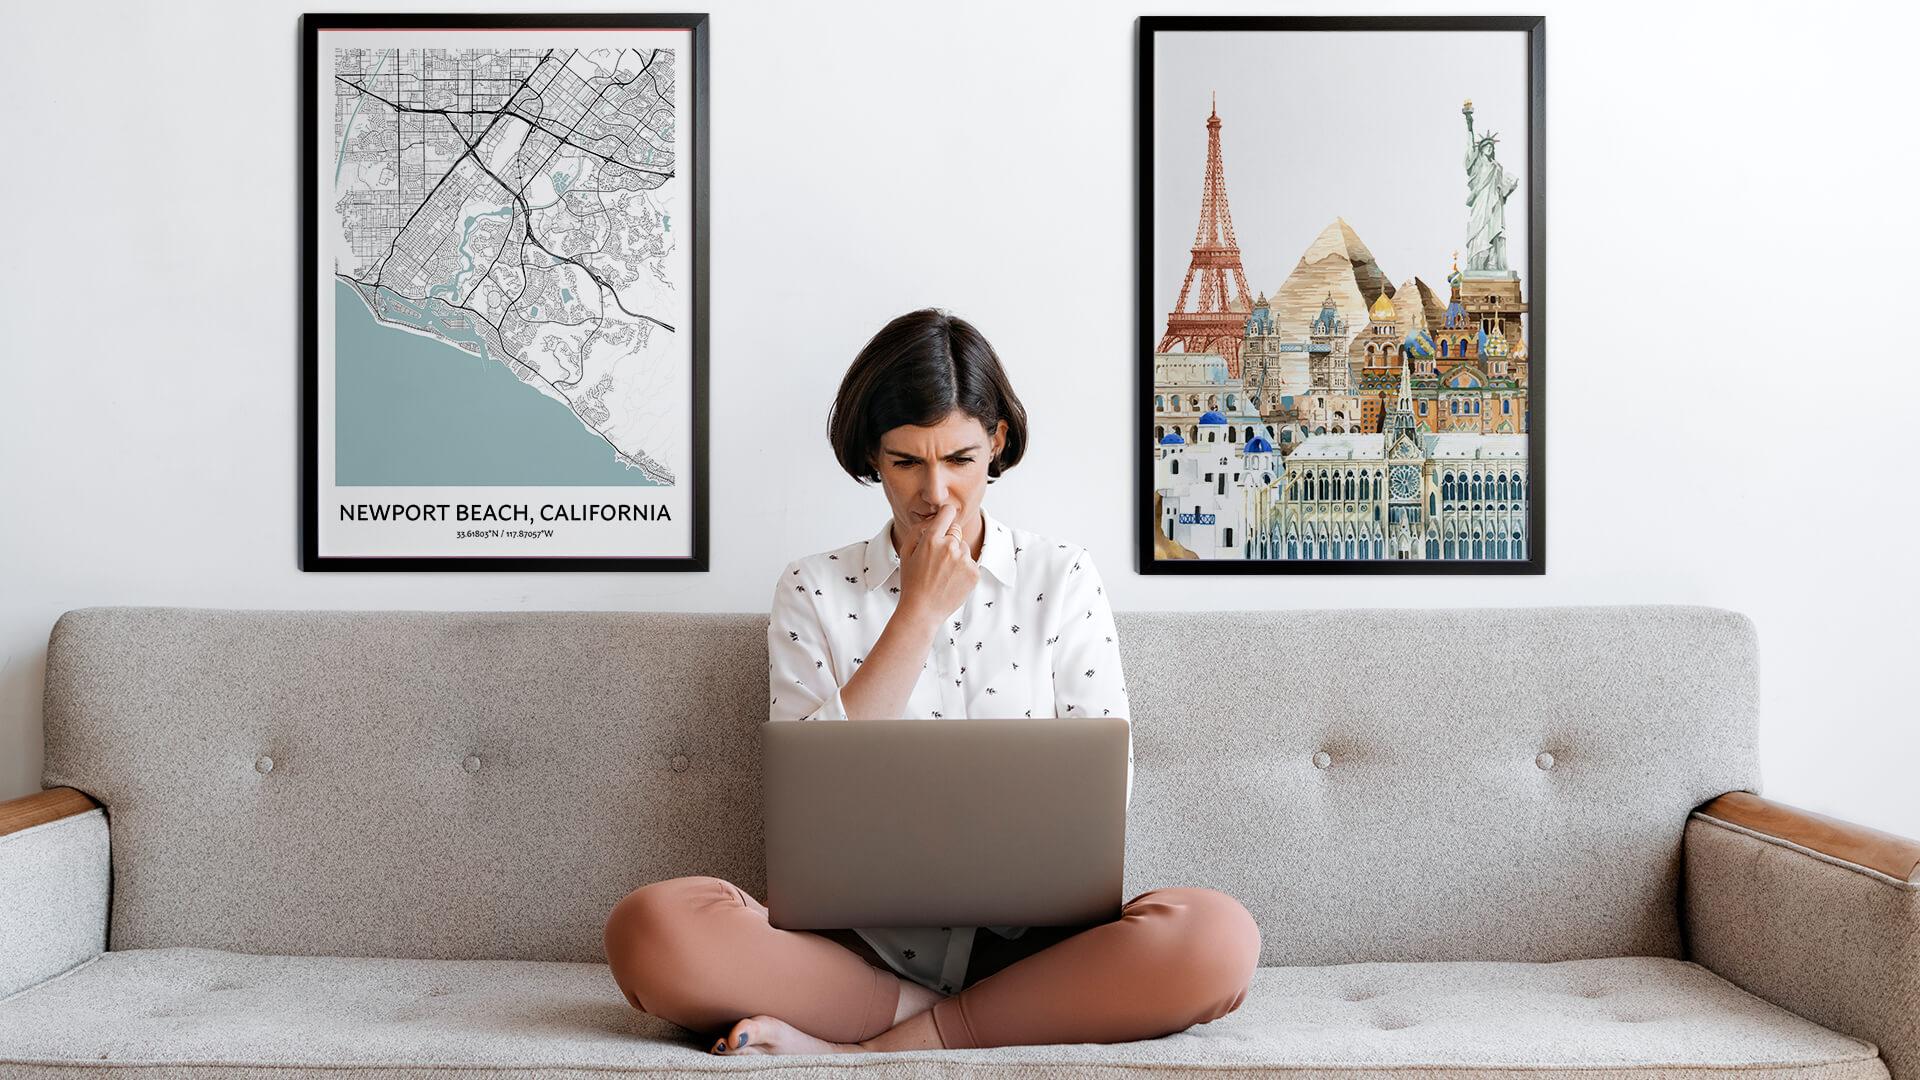 Newport Beach city map art